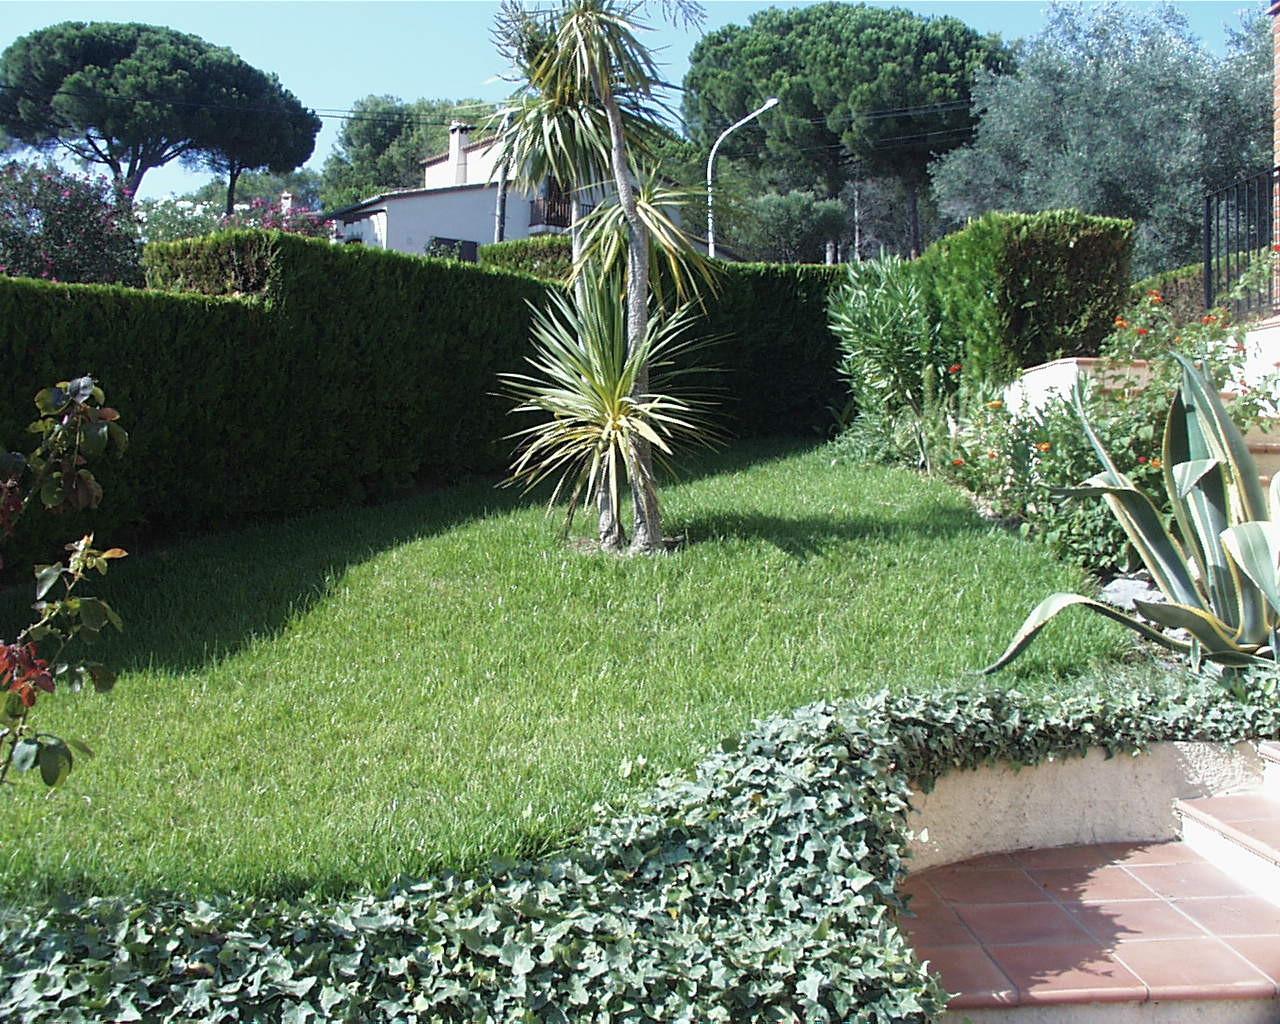 Casasol Garten Ansicht 2